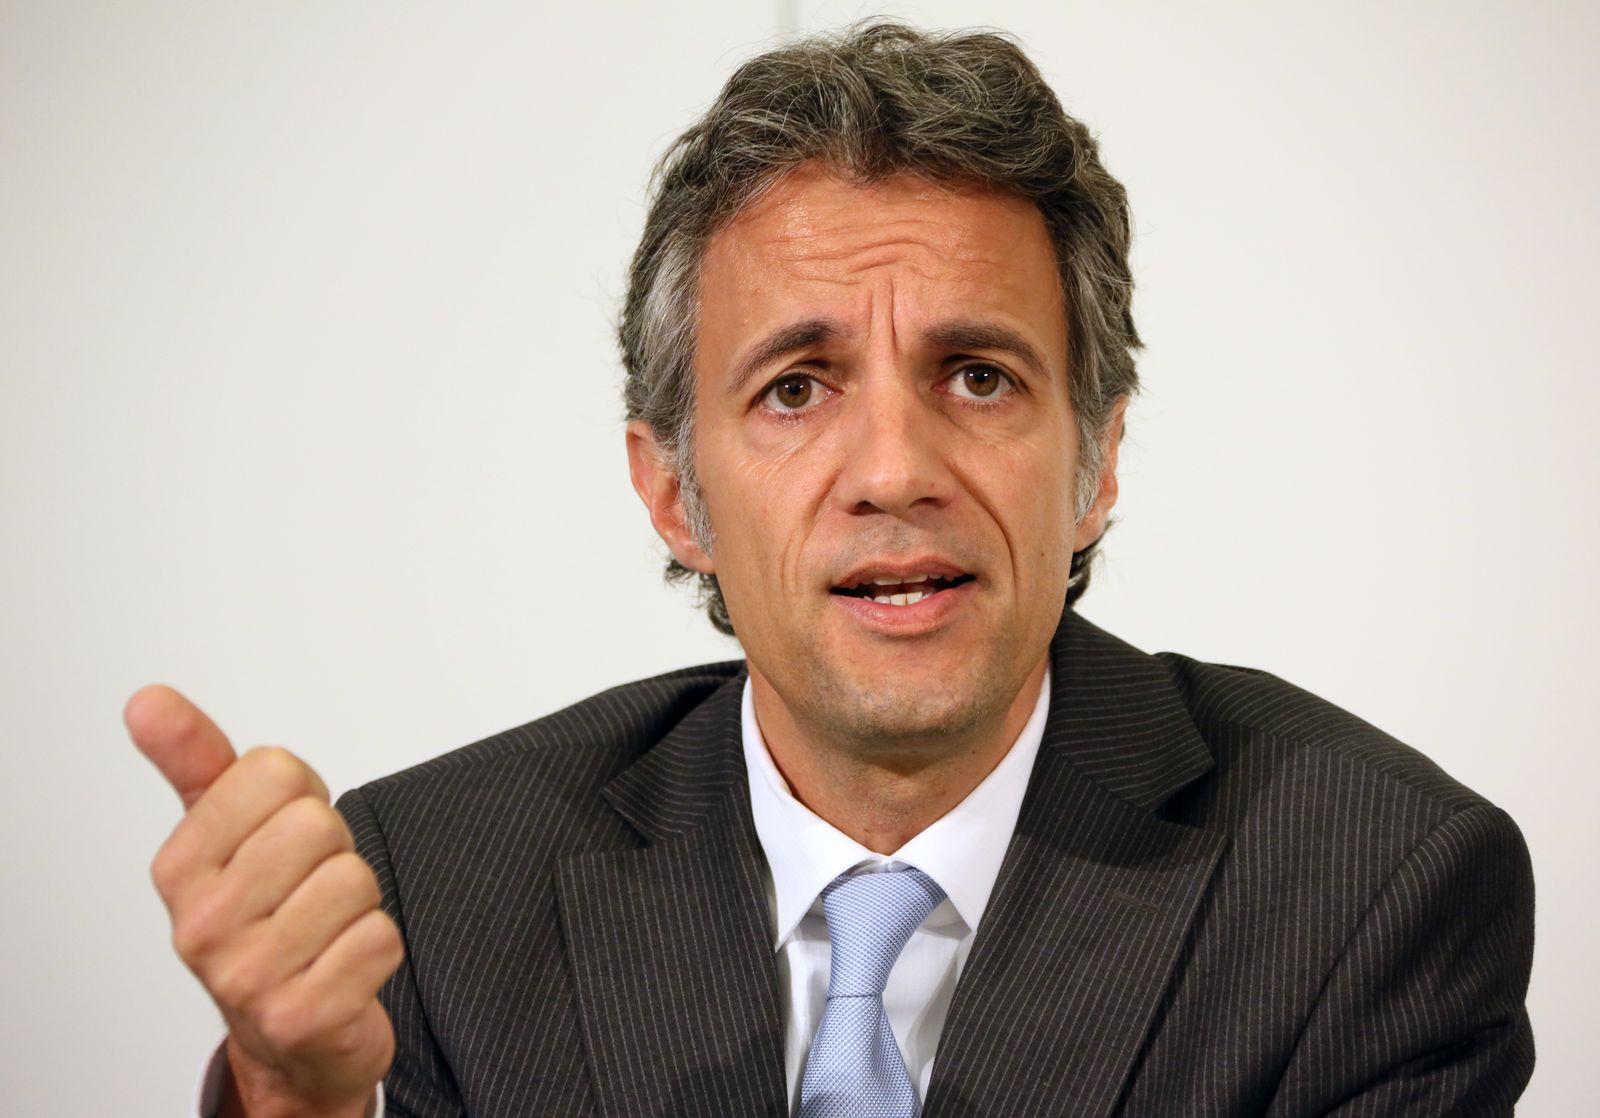 Jörg Dräger/ Vorstandsmitglied der Bertelsmann Stiftung